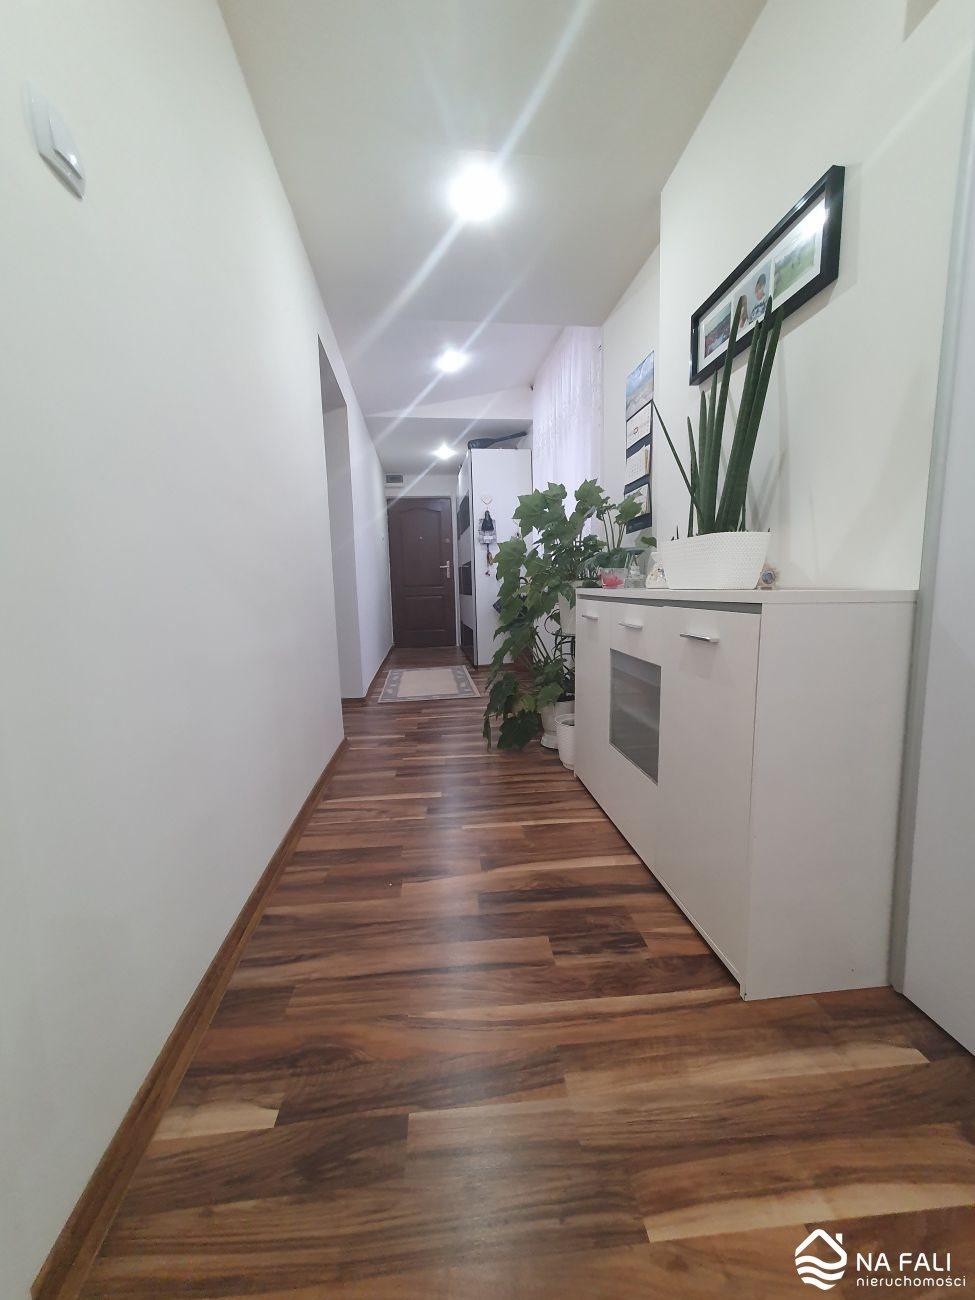 Mieszkanie dwupokojowe na sprzedaż Kołobrzg, centrum miasta  78m2 Foto 10